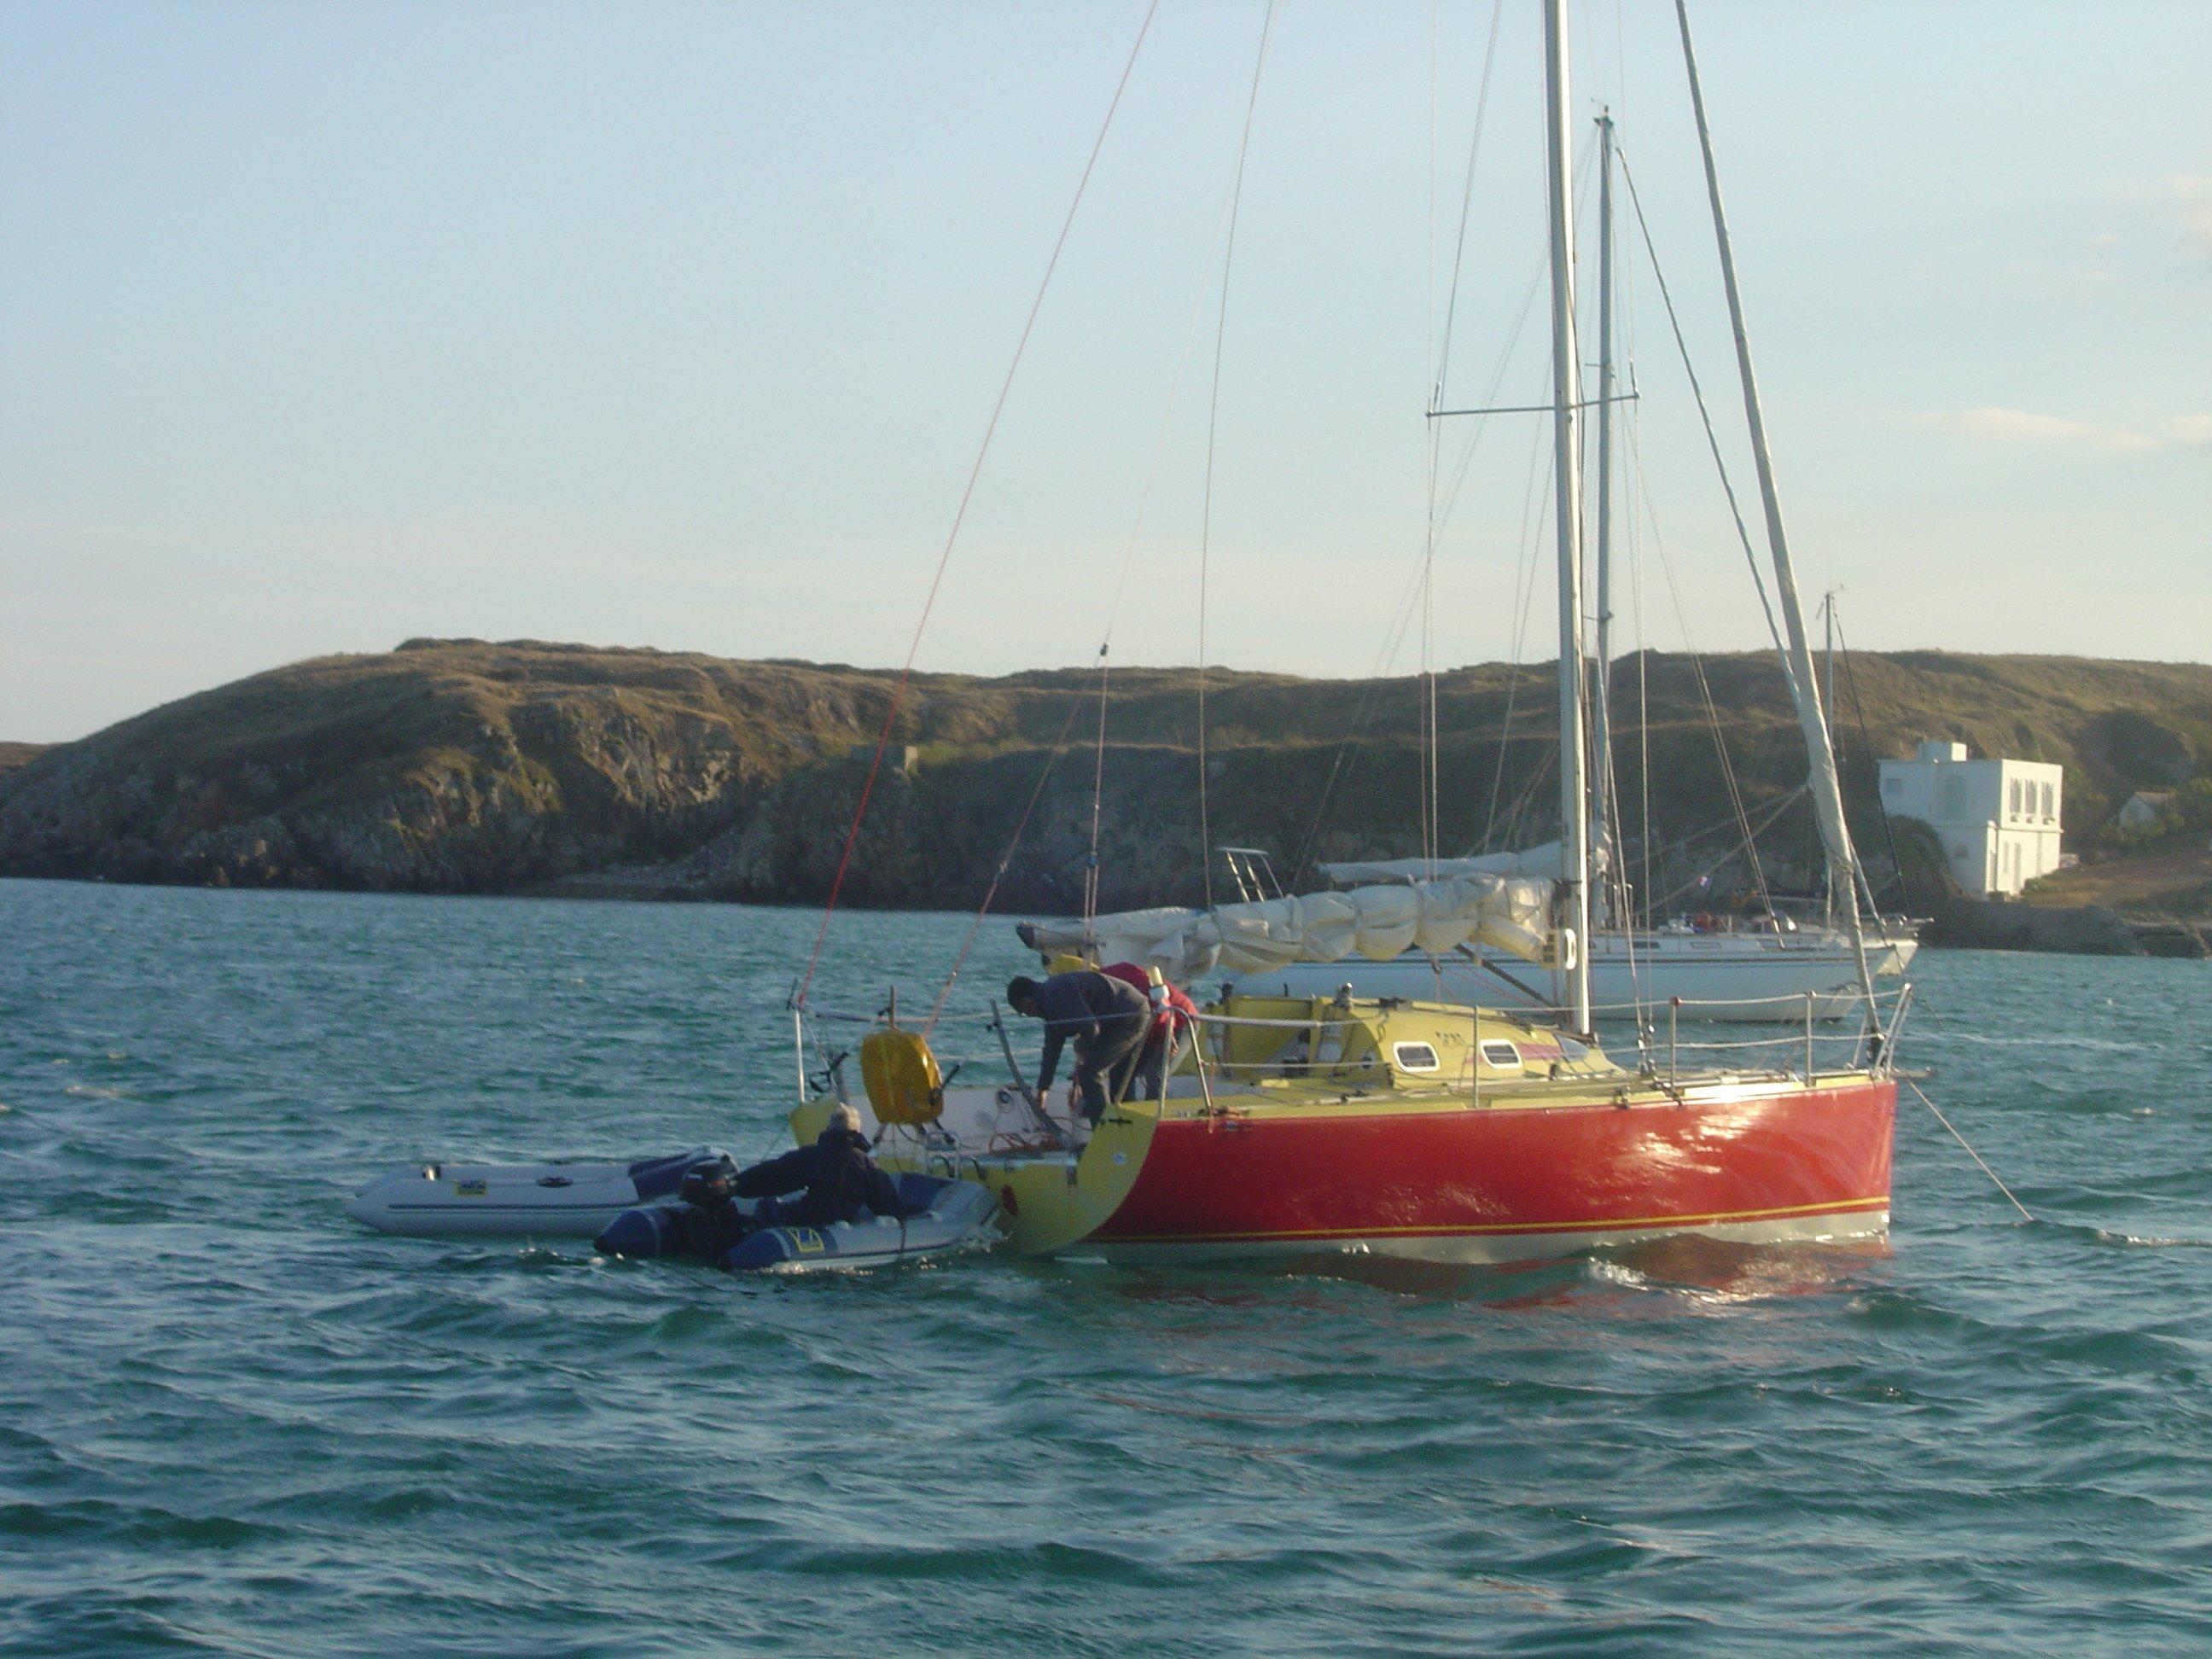 Apache le voilier de l atlantique for Dans un petit bateau